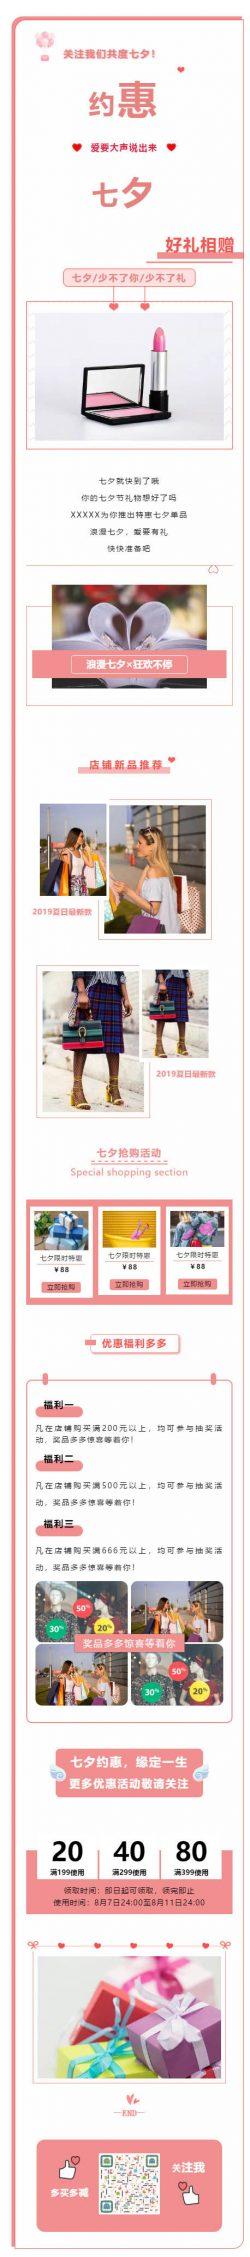 七夕节中国情人节粉红色风格模板电商素材推文模板